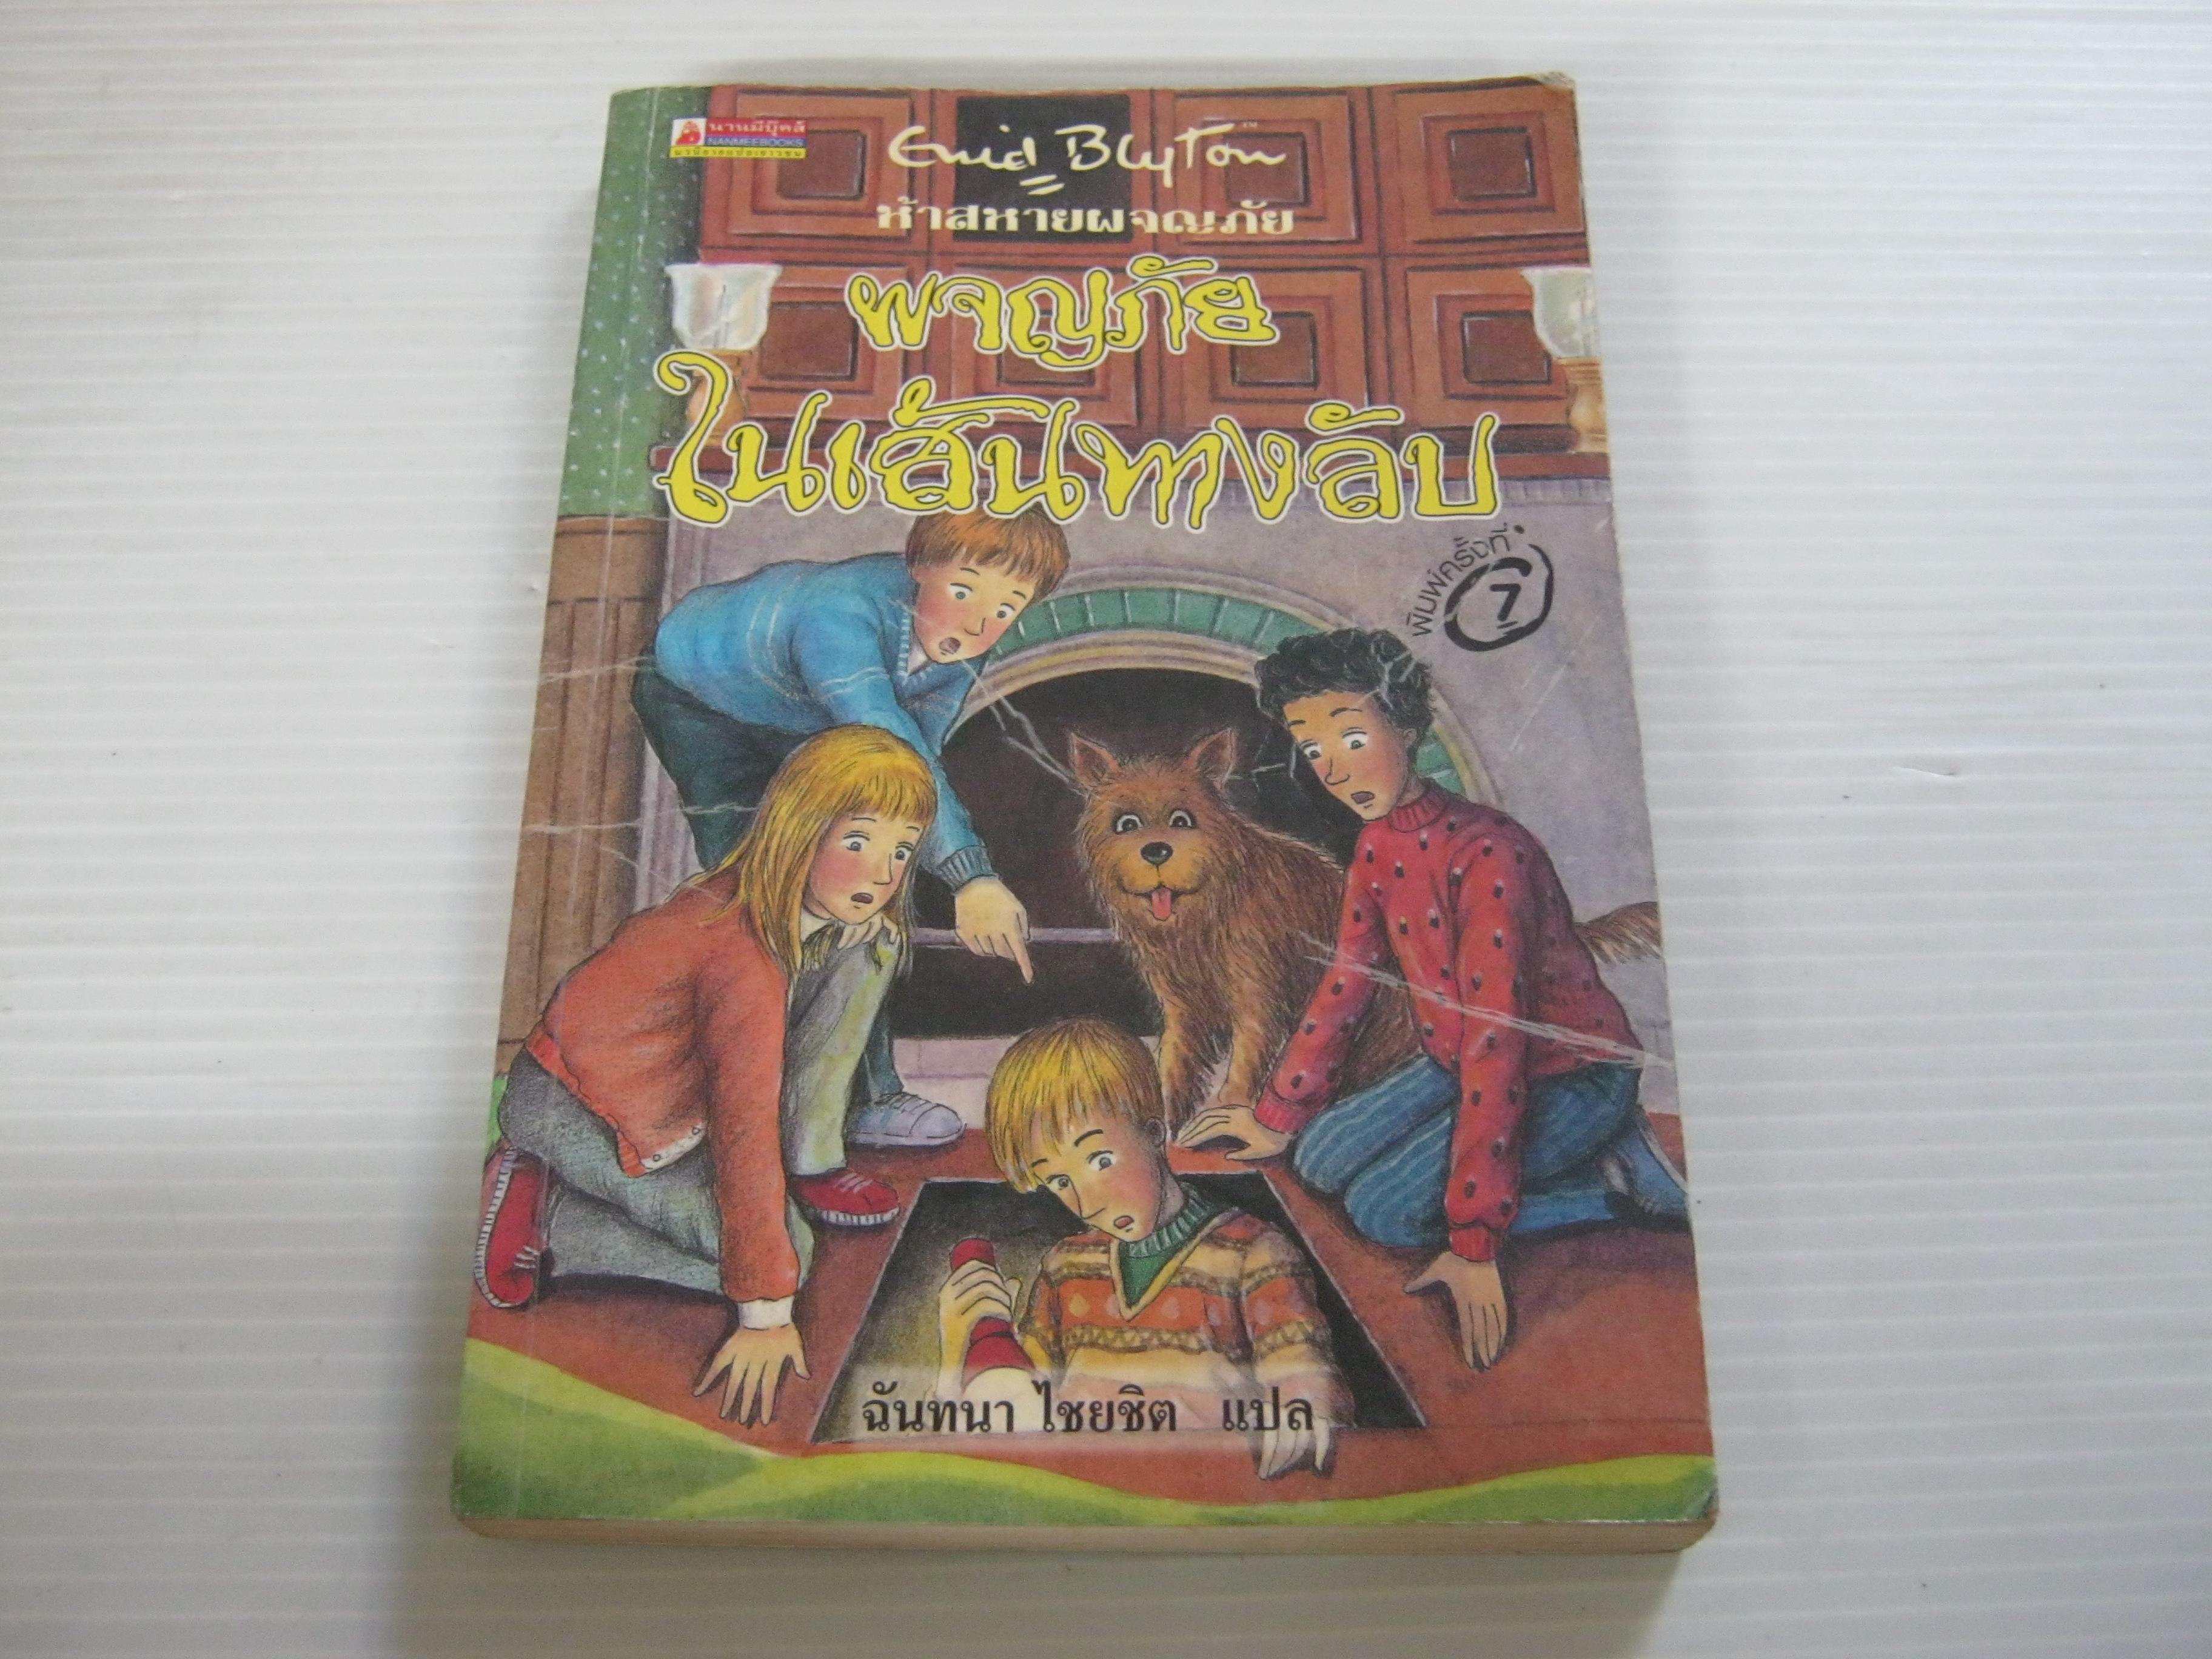 ห้าสหายผจญภัย เล่ม 2 ตอน ผจญภัยในเส้นทางลับ (The Famous Five : Five Go Advanturing Again) พิมพ์ครั้งที่ 7 Enid Blyton เขียน ฉันทนา ไชยชิต แปล